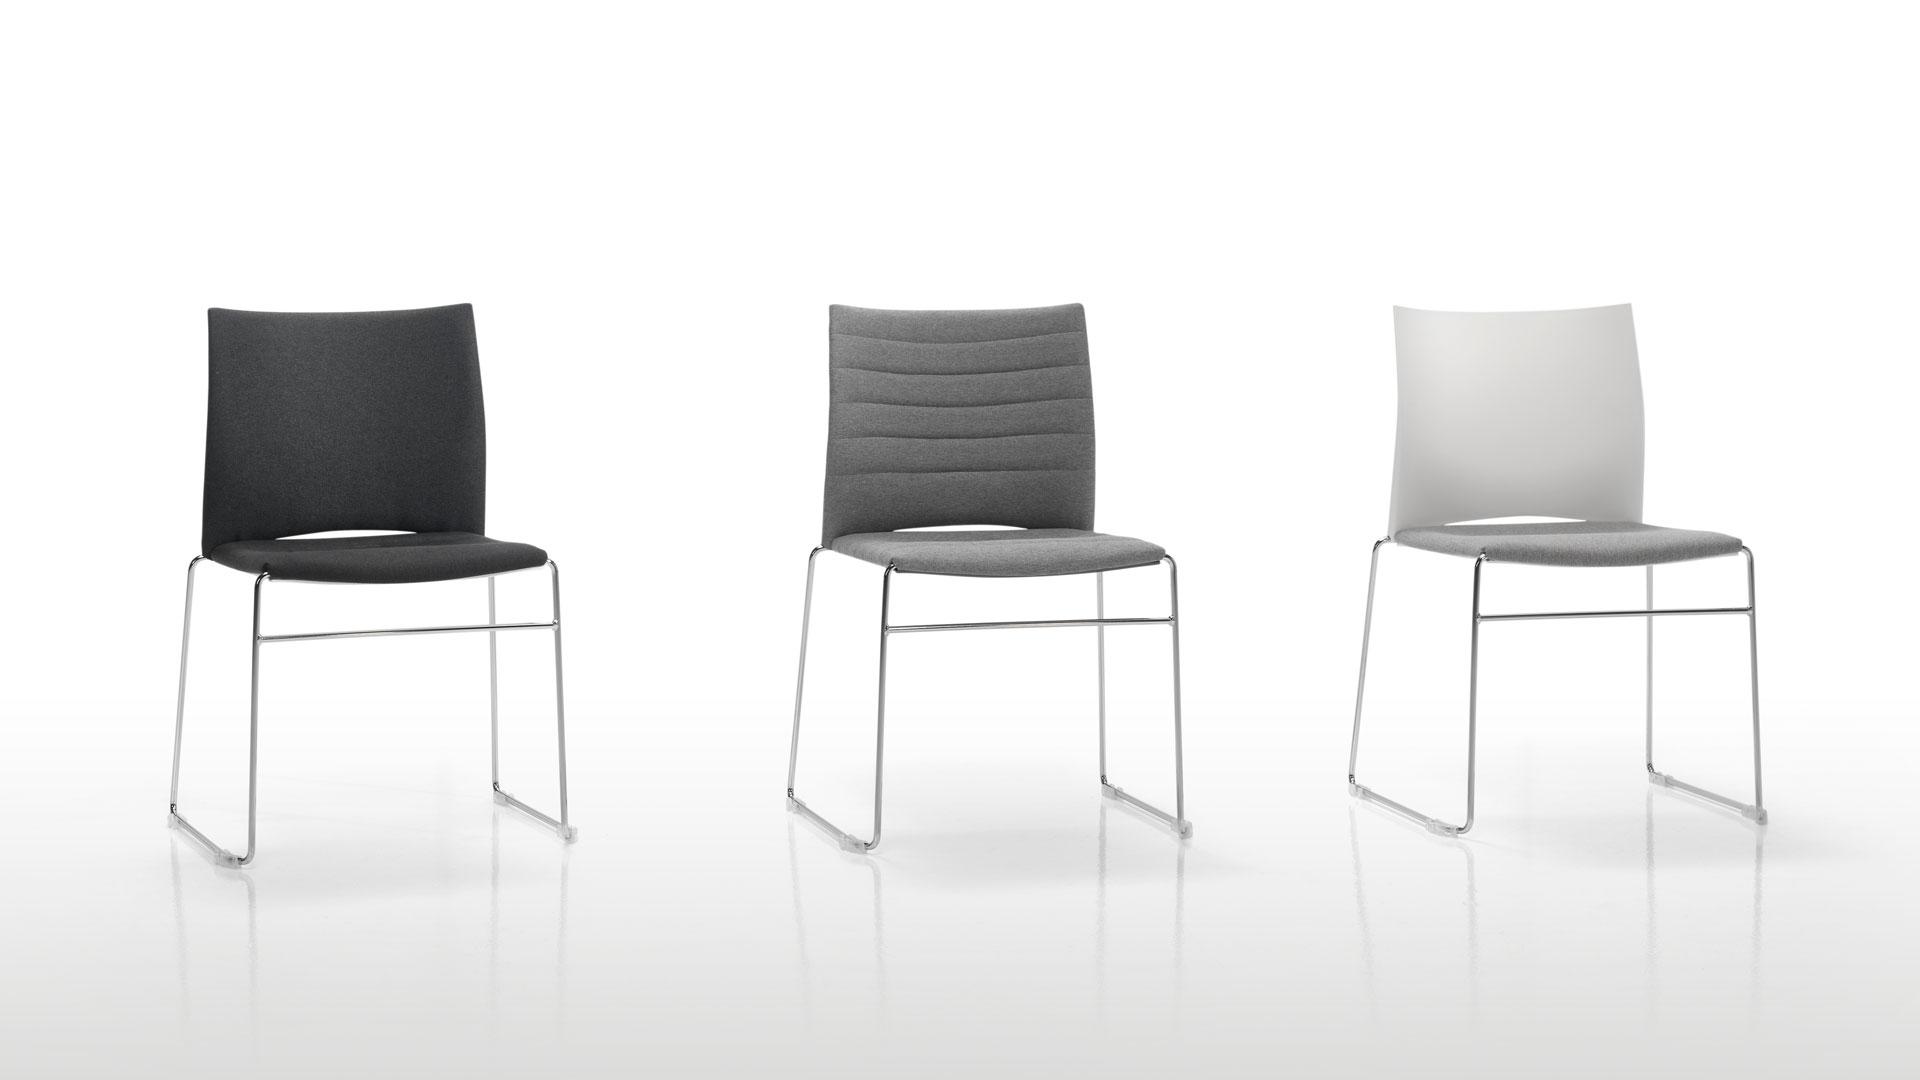 Sillas y sillones fijos t cnica de oficina for Especificaciones tecnicas de mobiliario de oficina